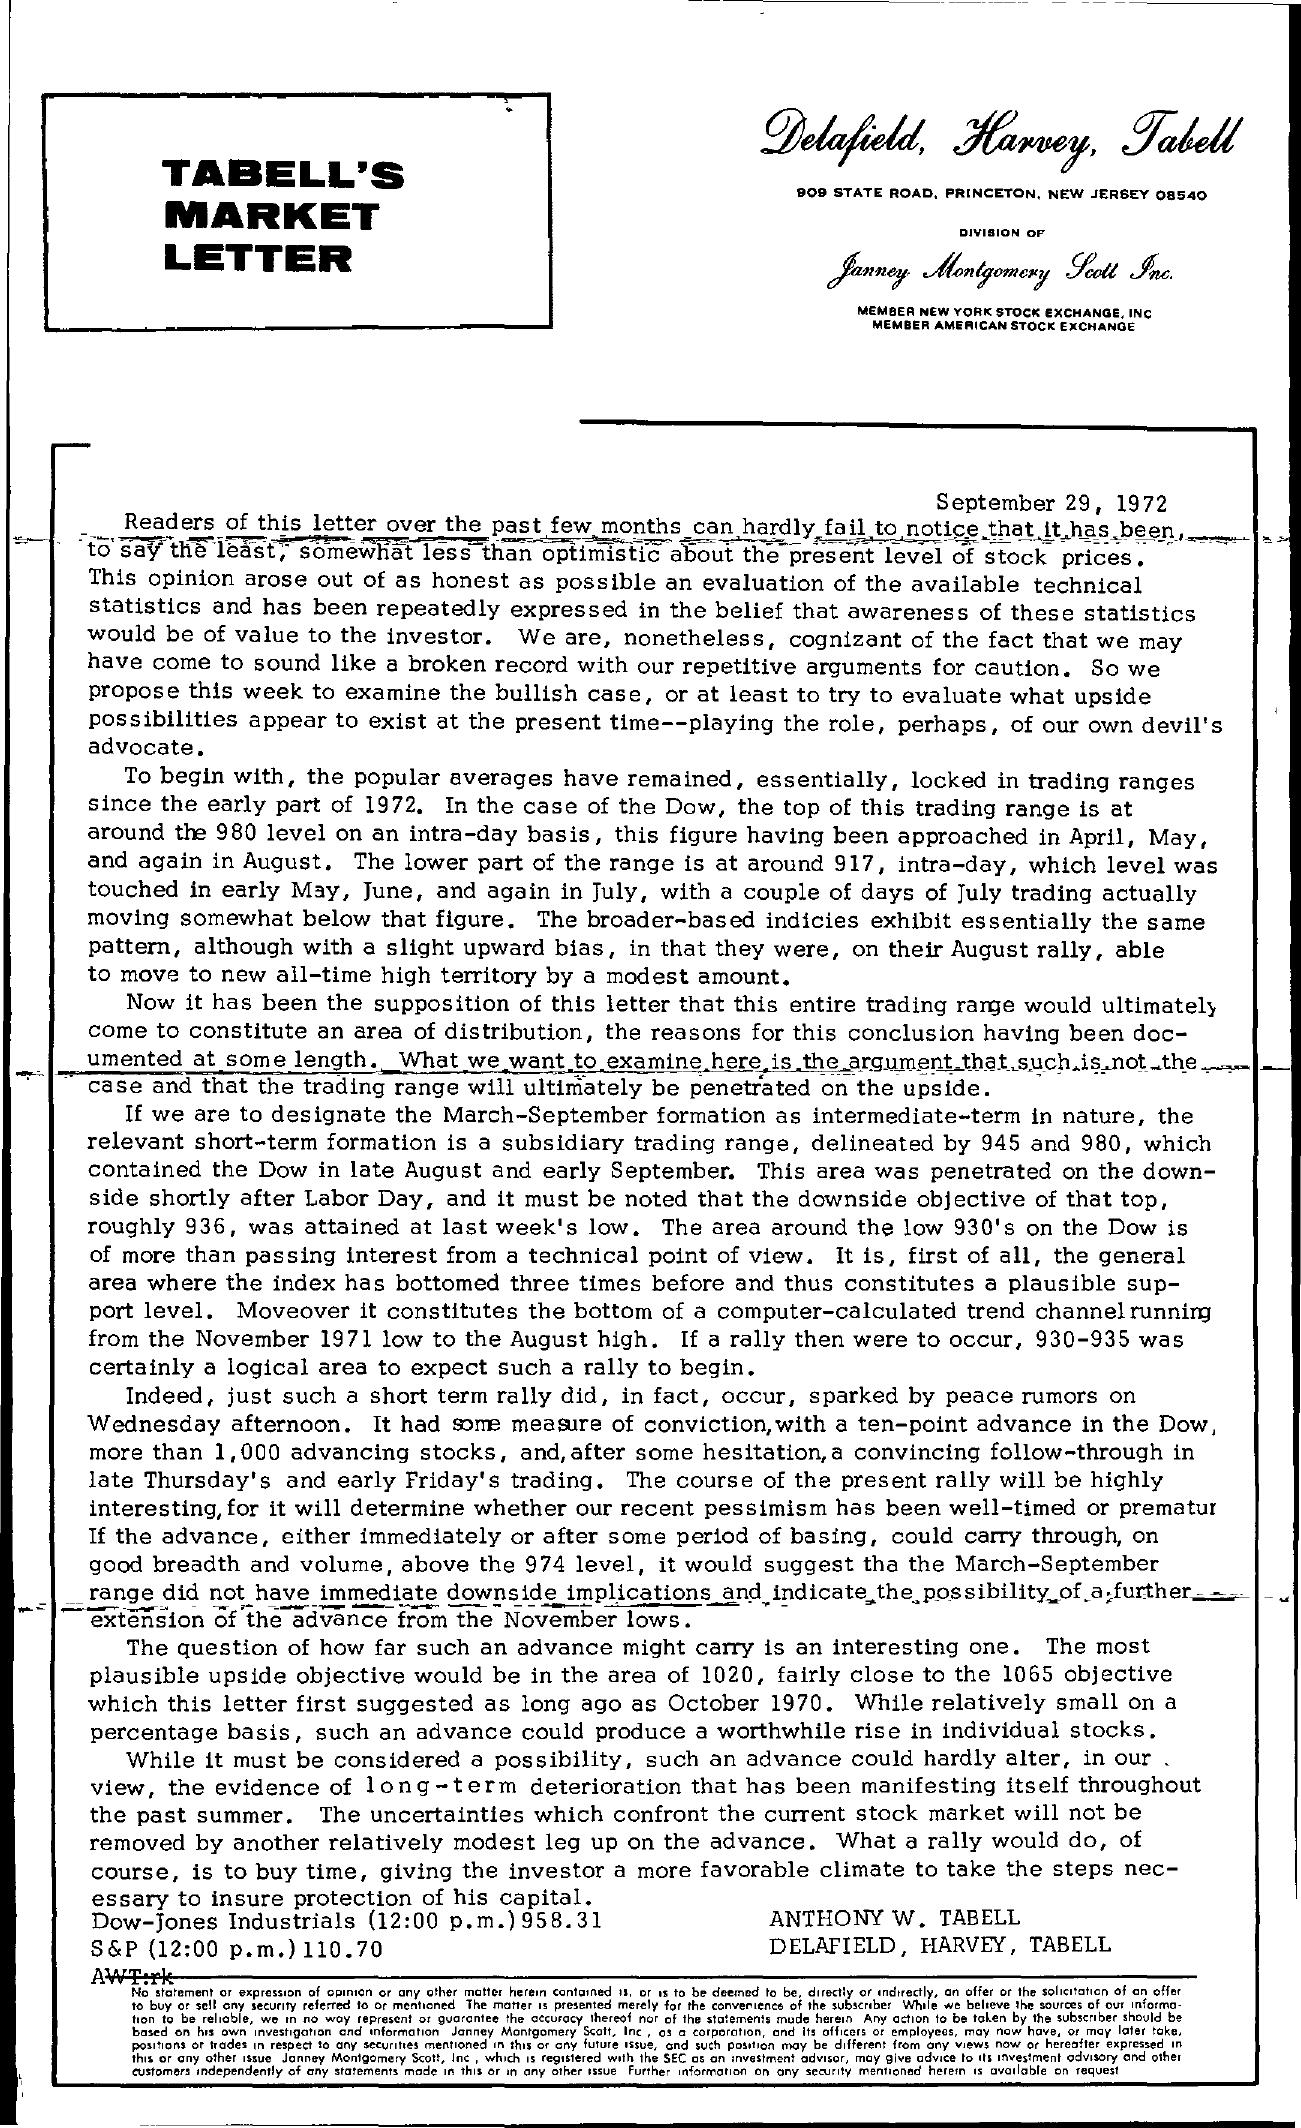 Tabell's Market Letter - September 29, 1972